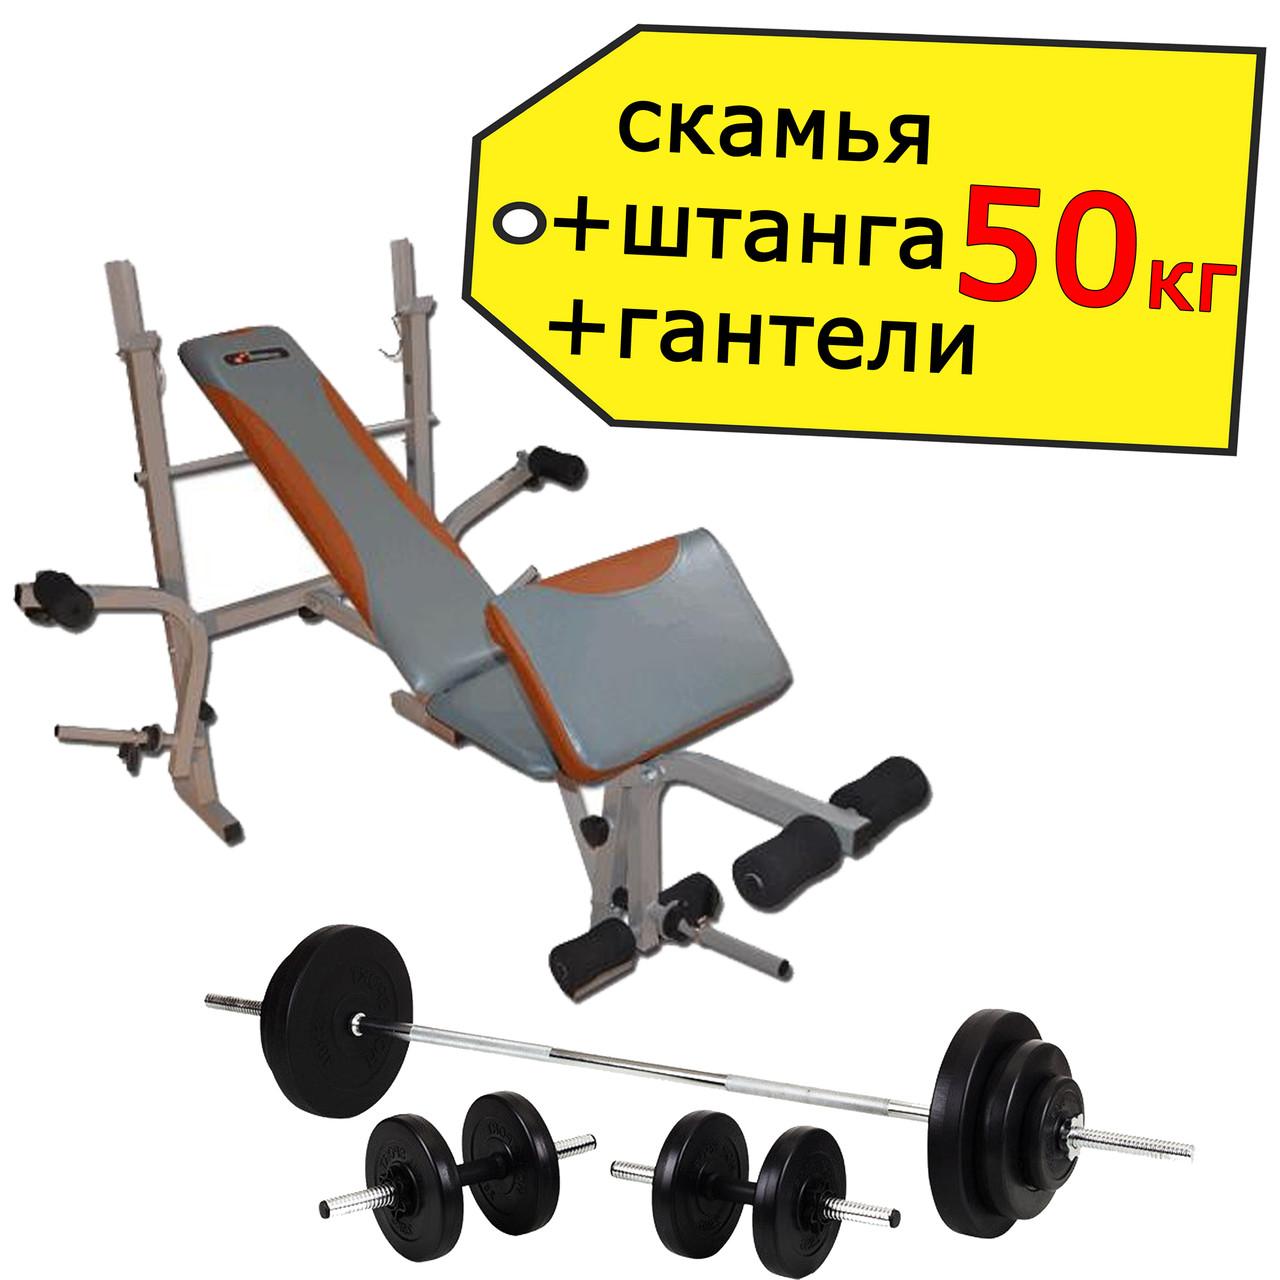 Скамья для жима EverTop 307 + Штанга 50 кг + Гантели 2*21 кг (комплект лавка штанга гантелі для жиму)